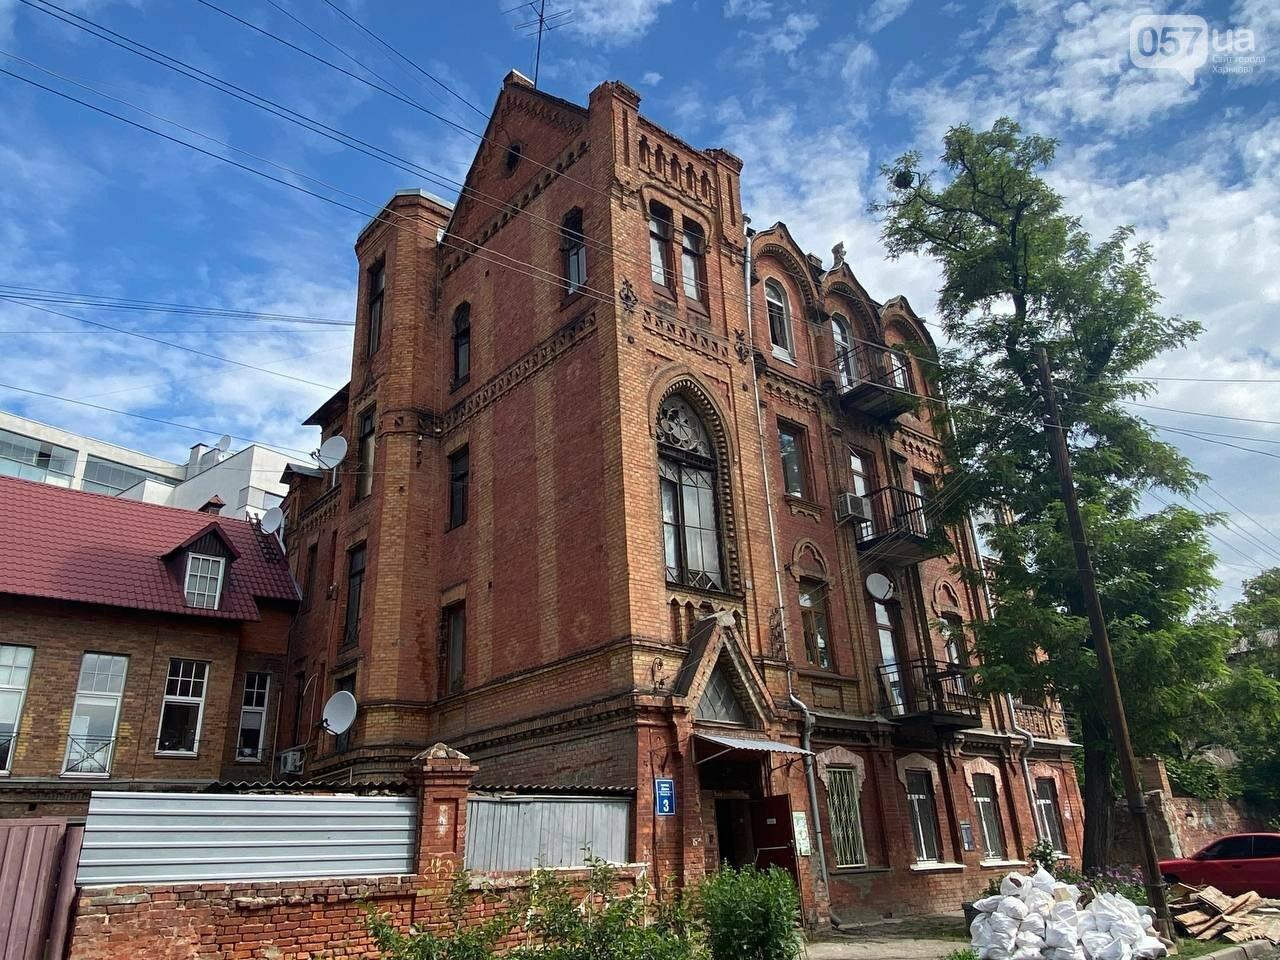 ТОП-5 «замков» в Харькове: история старинных зданий в центре города, - ФОТО, фото-7